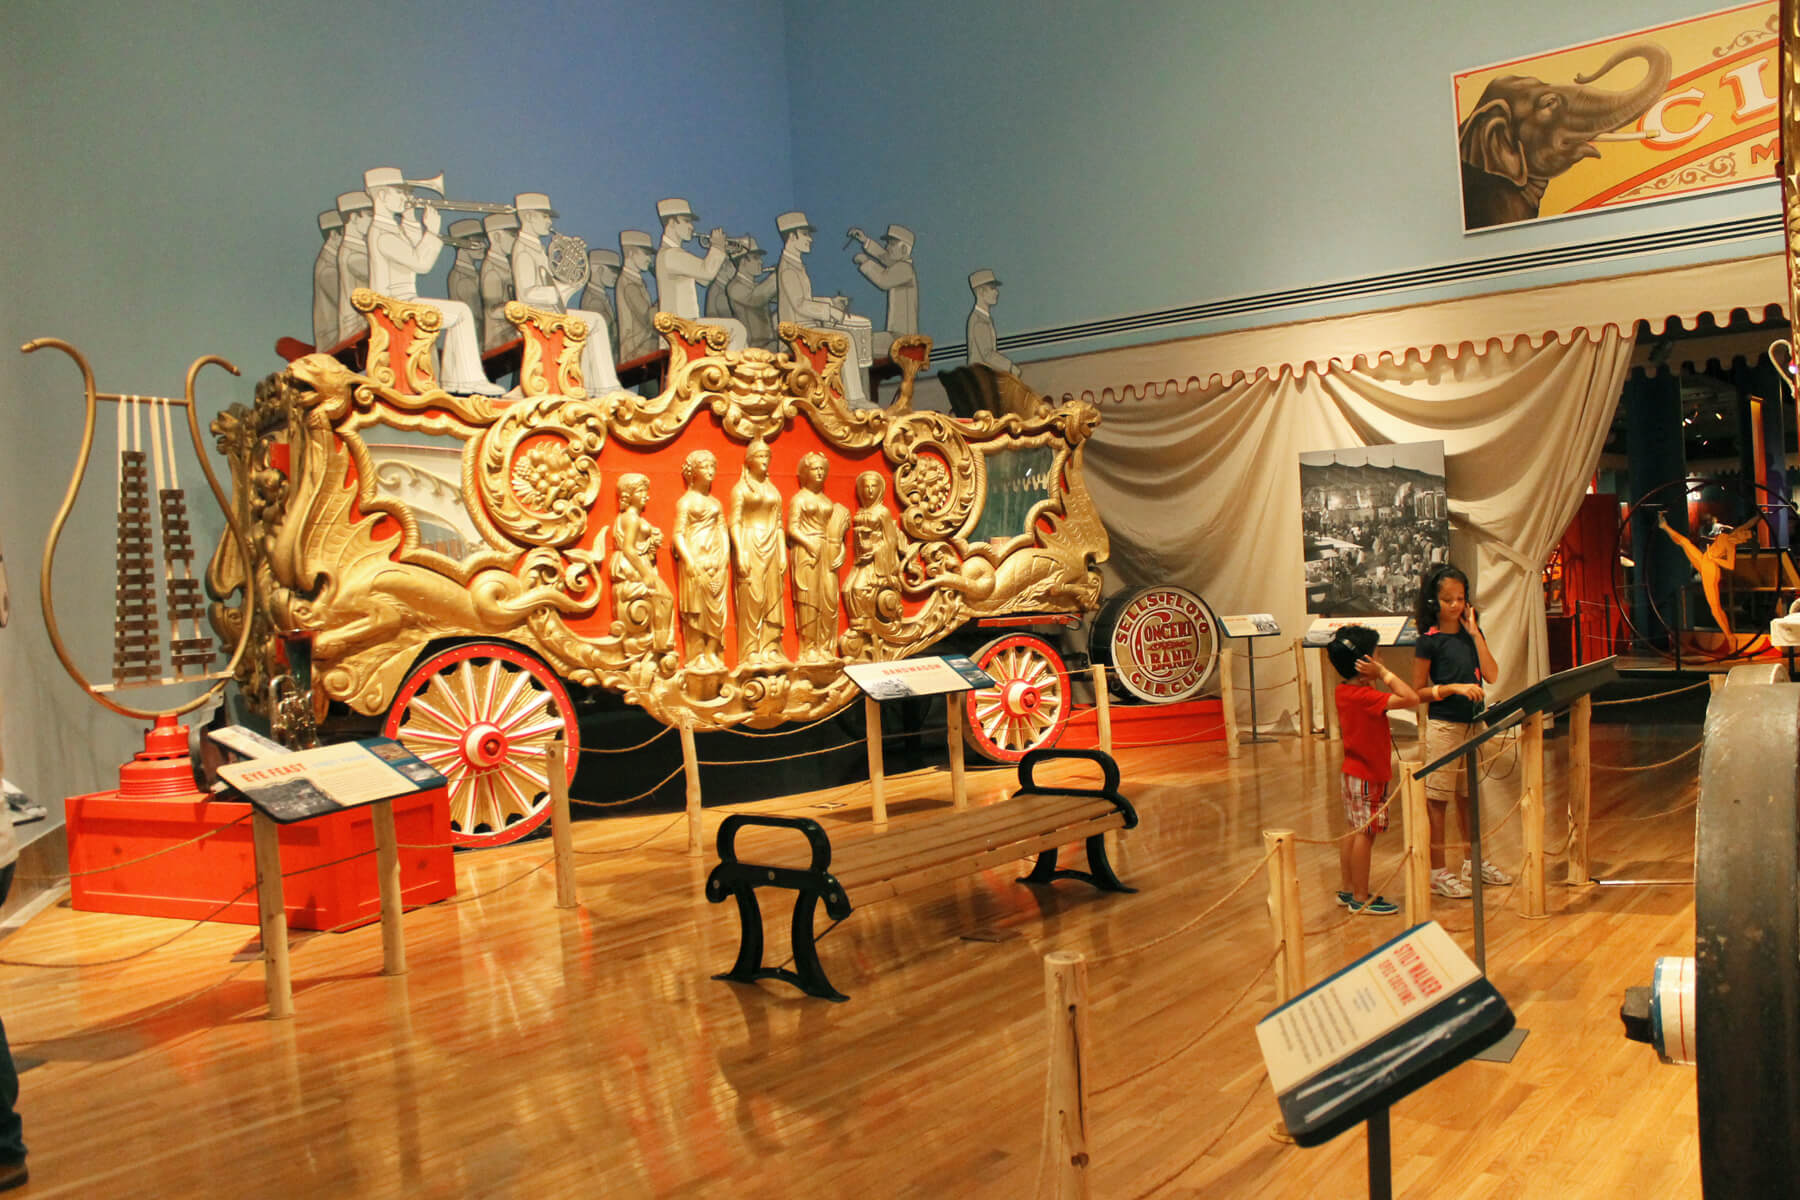 Pontos turísticos em Sarasota: Ringling Circus Museum